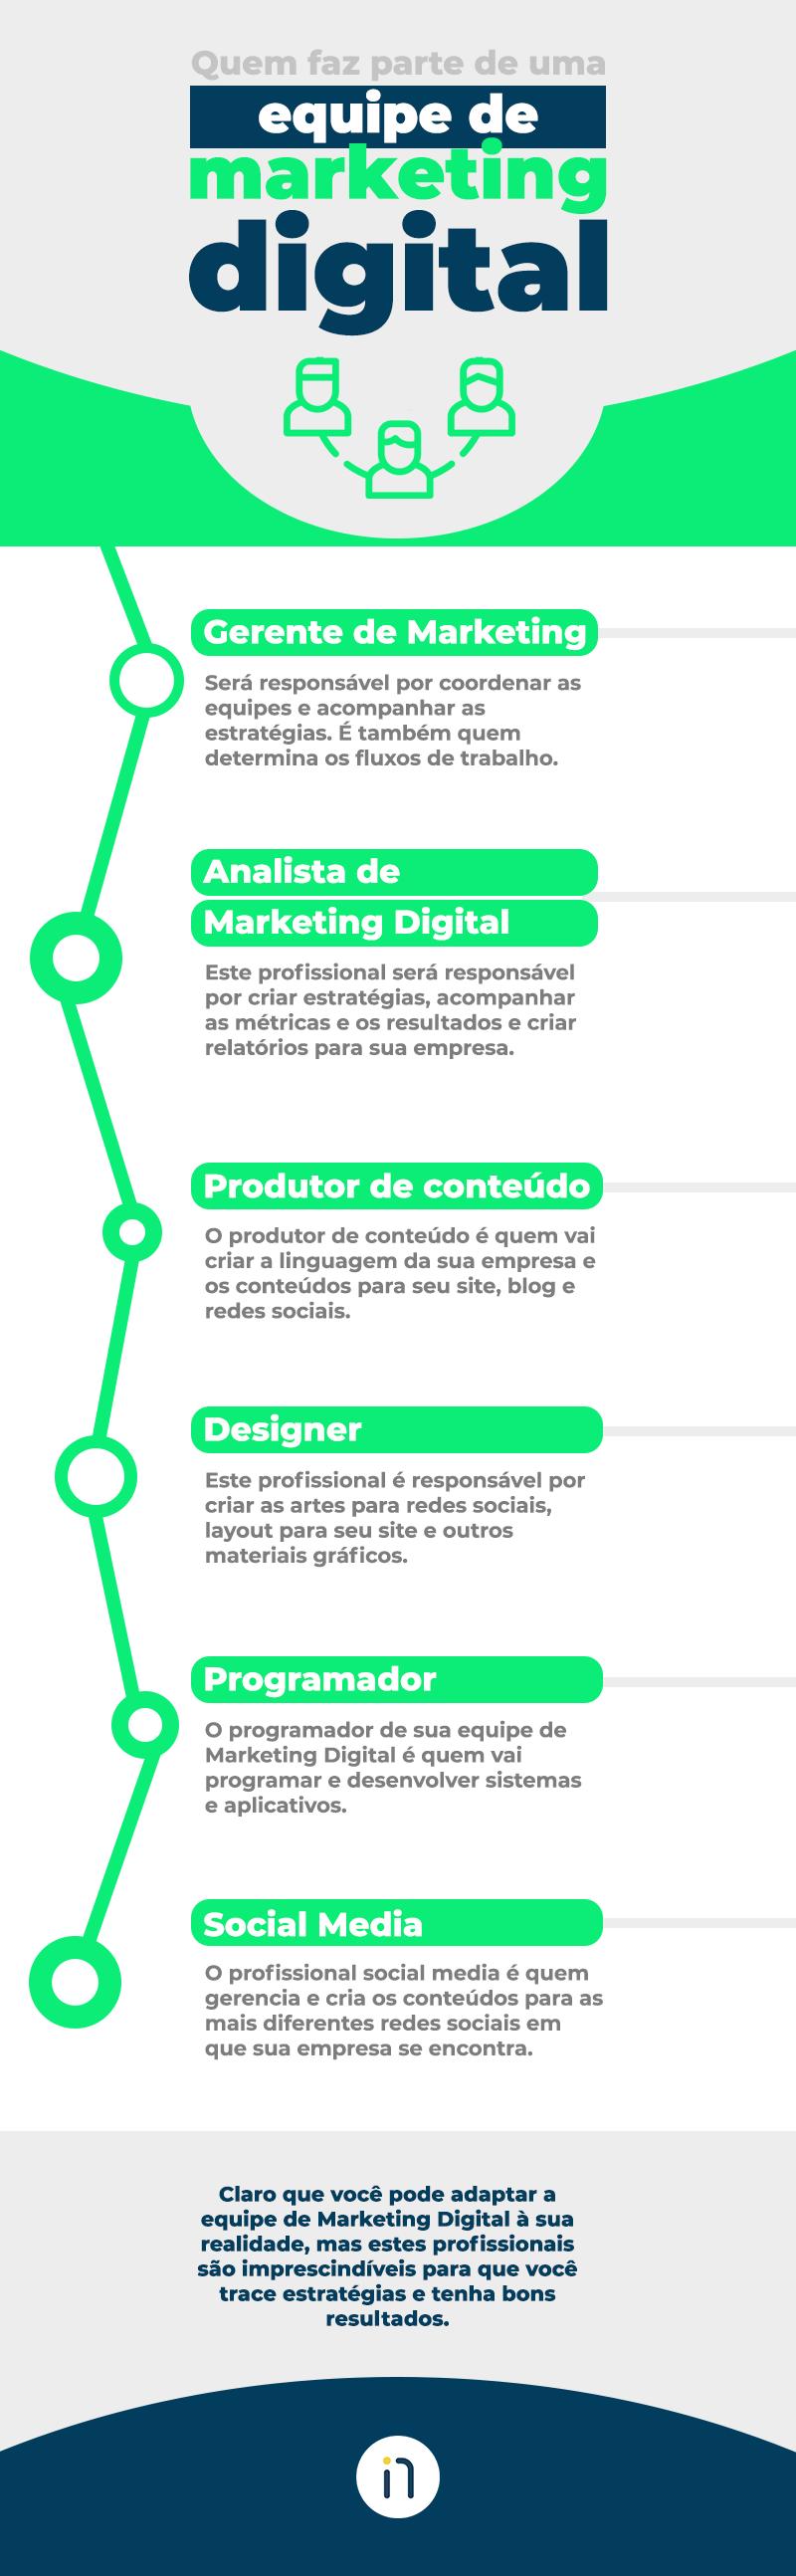 Saber como montar uma equipe de Marketing Digital é essencial